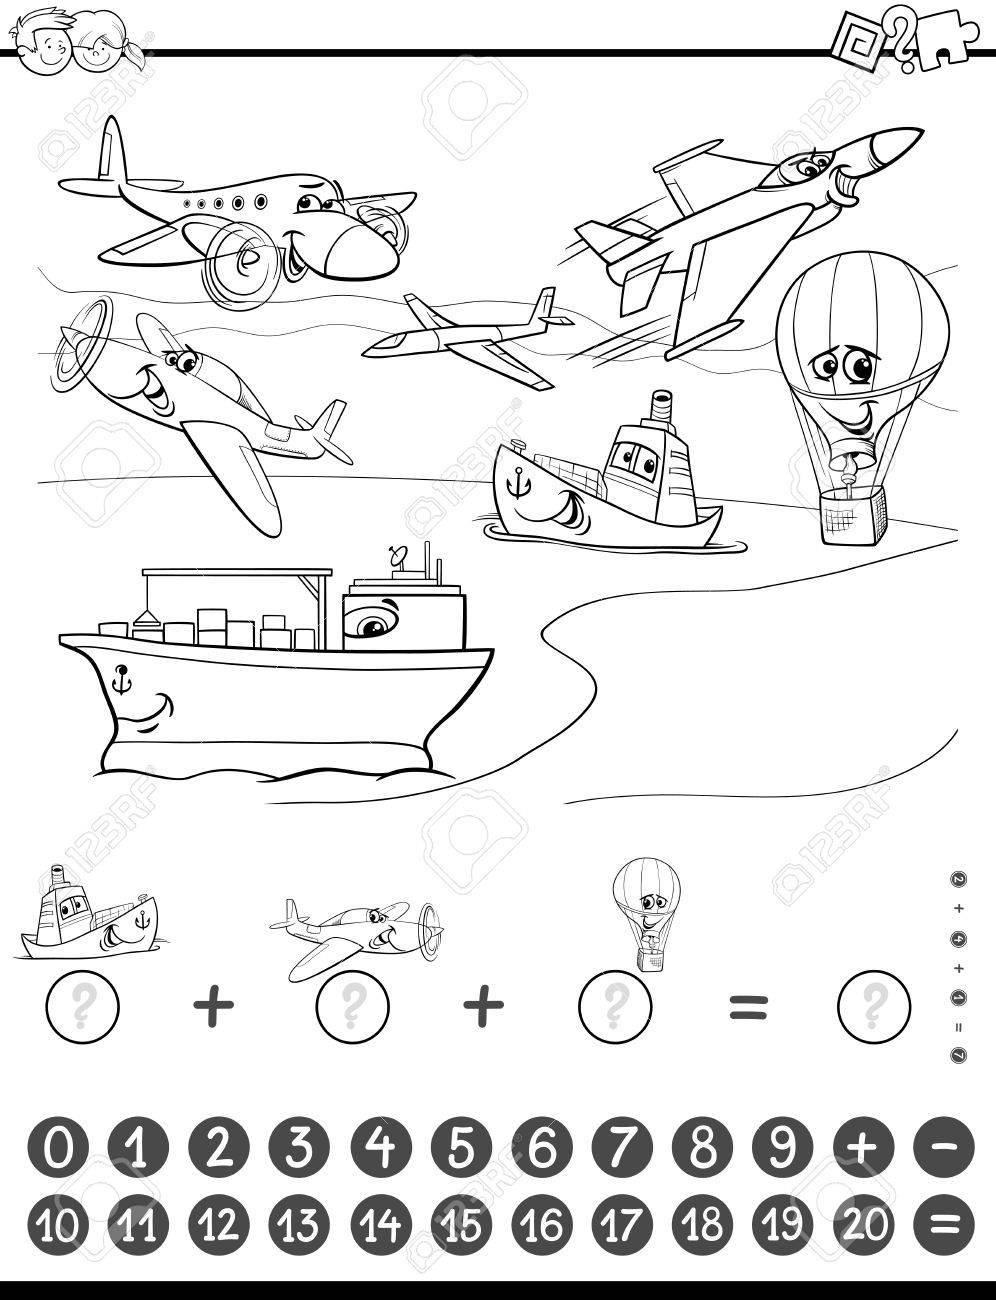 子供の飛行機と塗り絵のための船のため教育数学カウントと追加